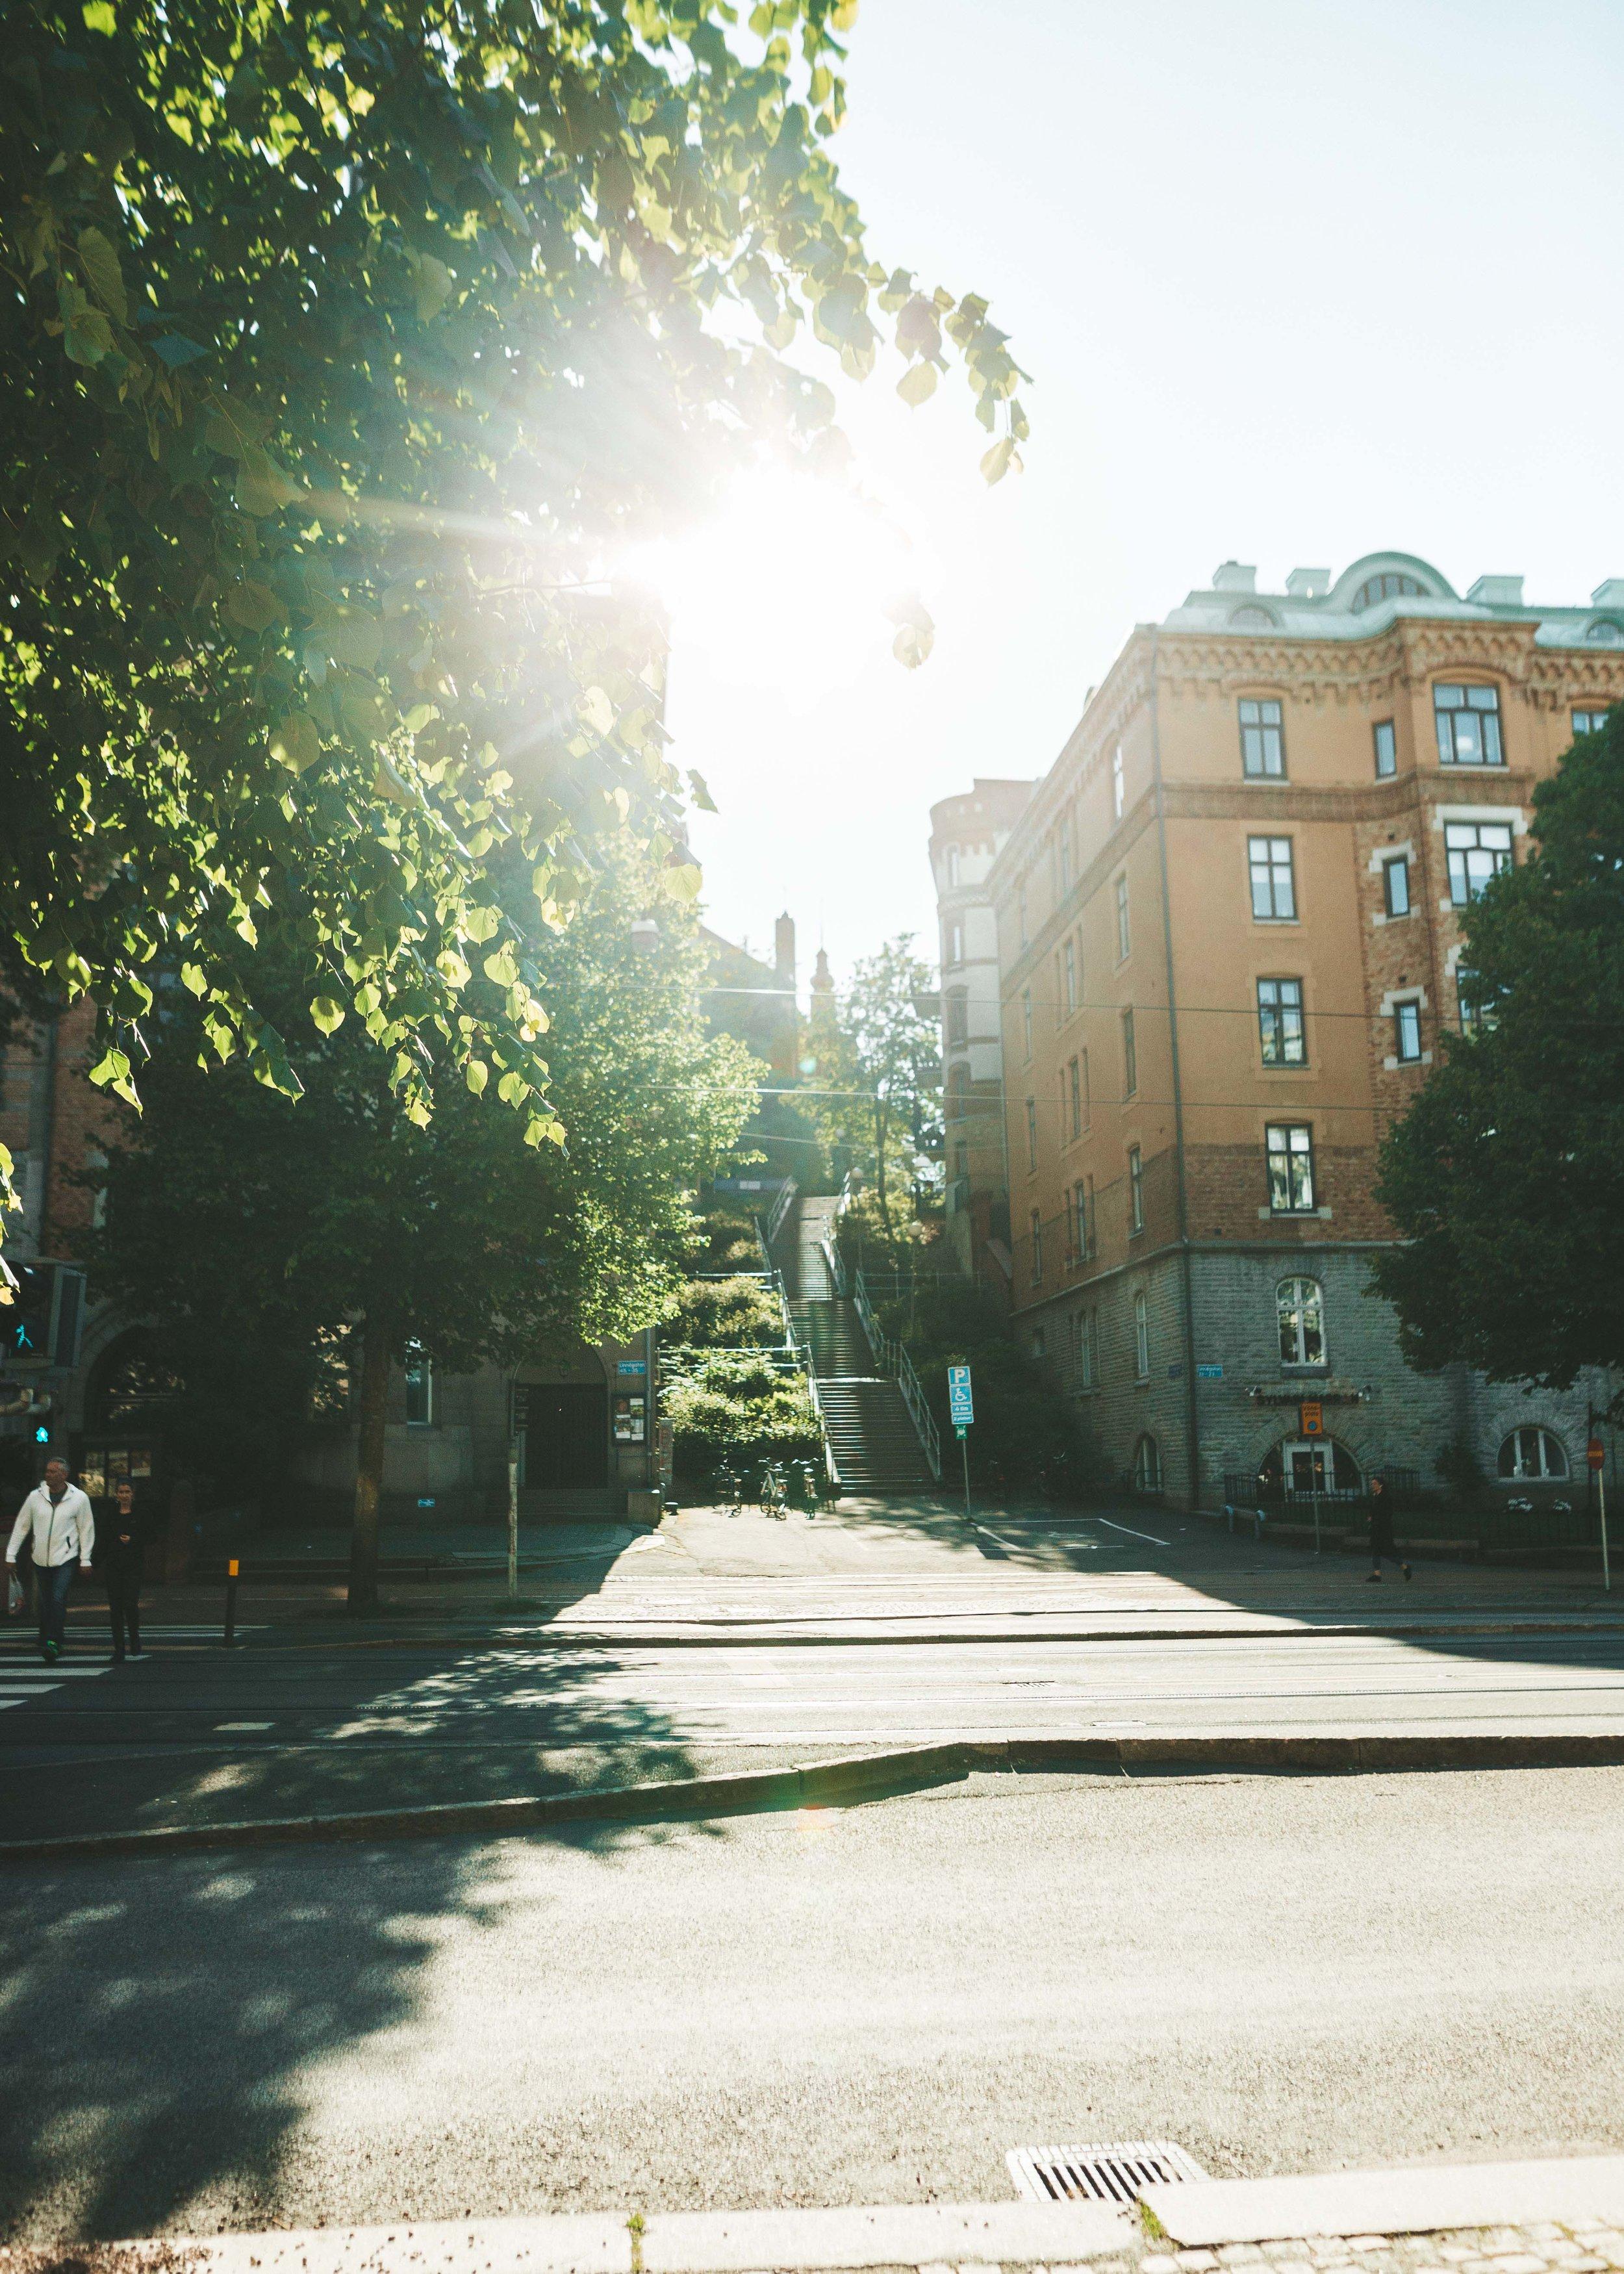 gothenburg (13 of 25).jpg